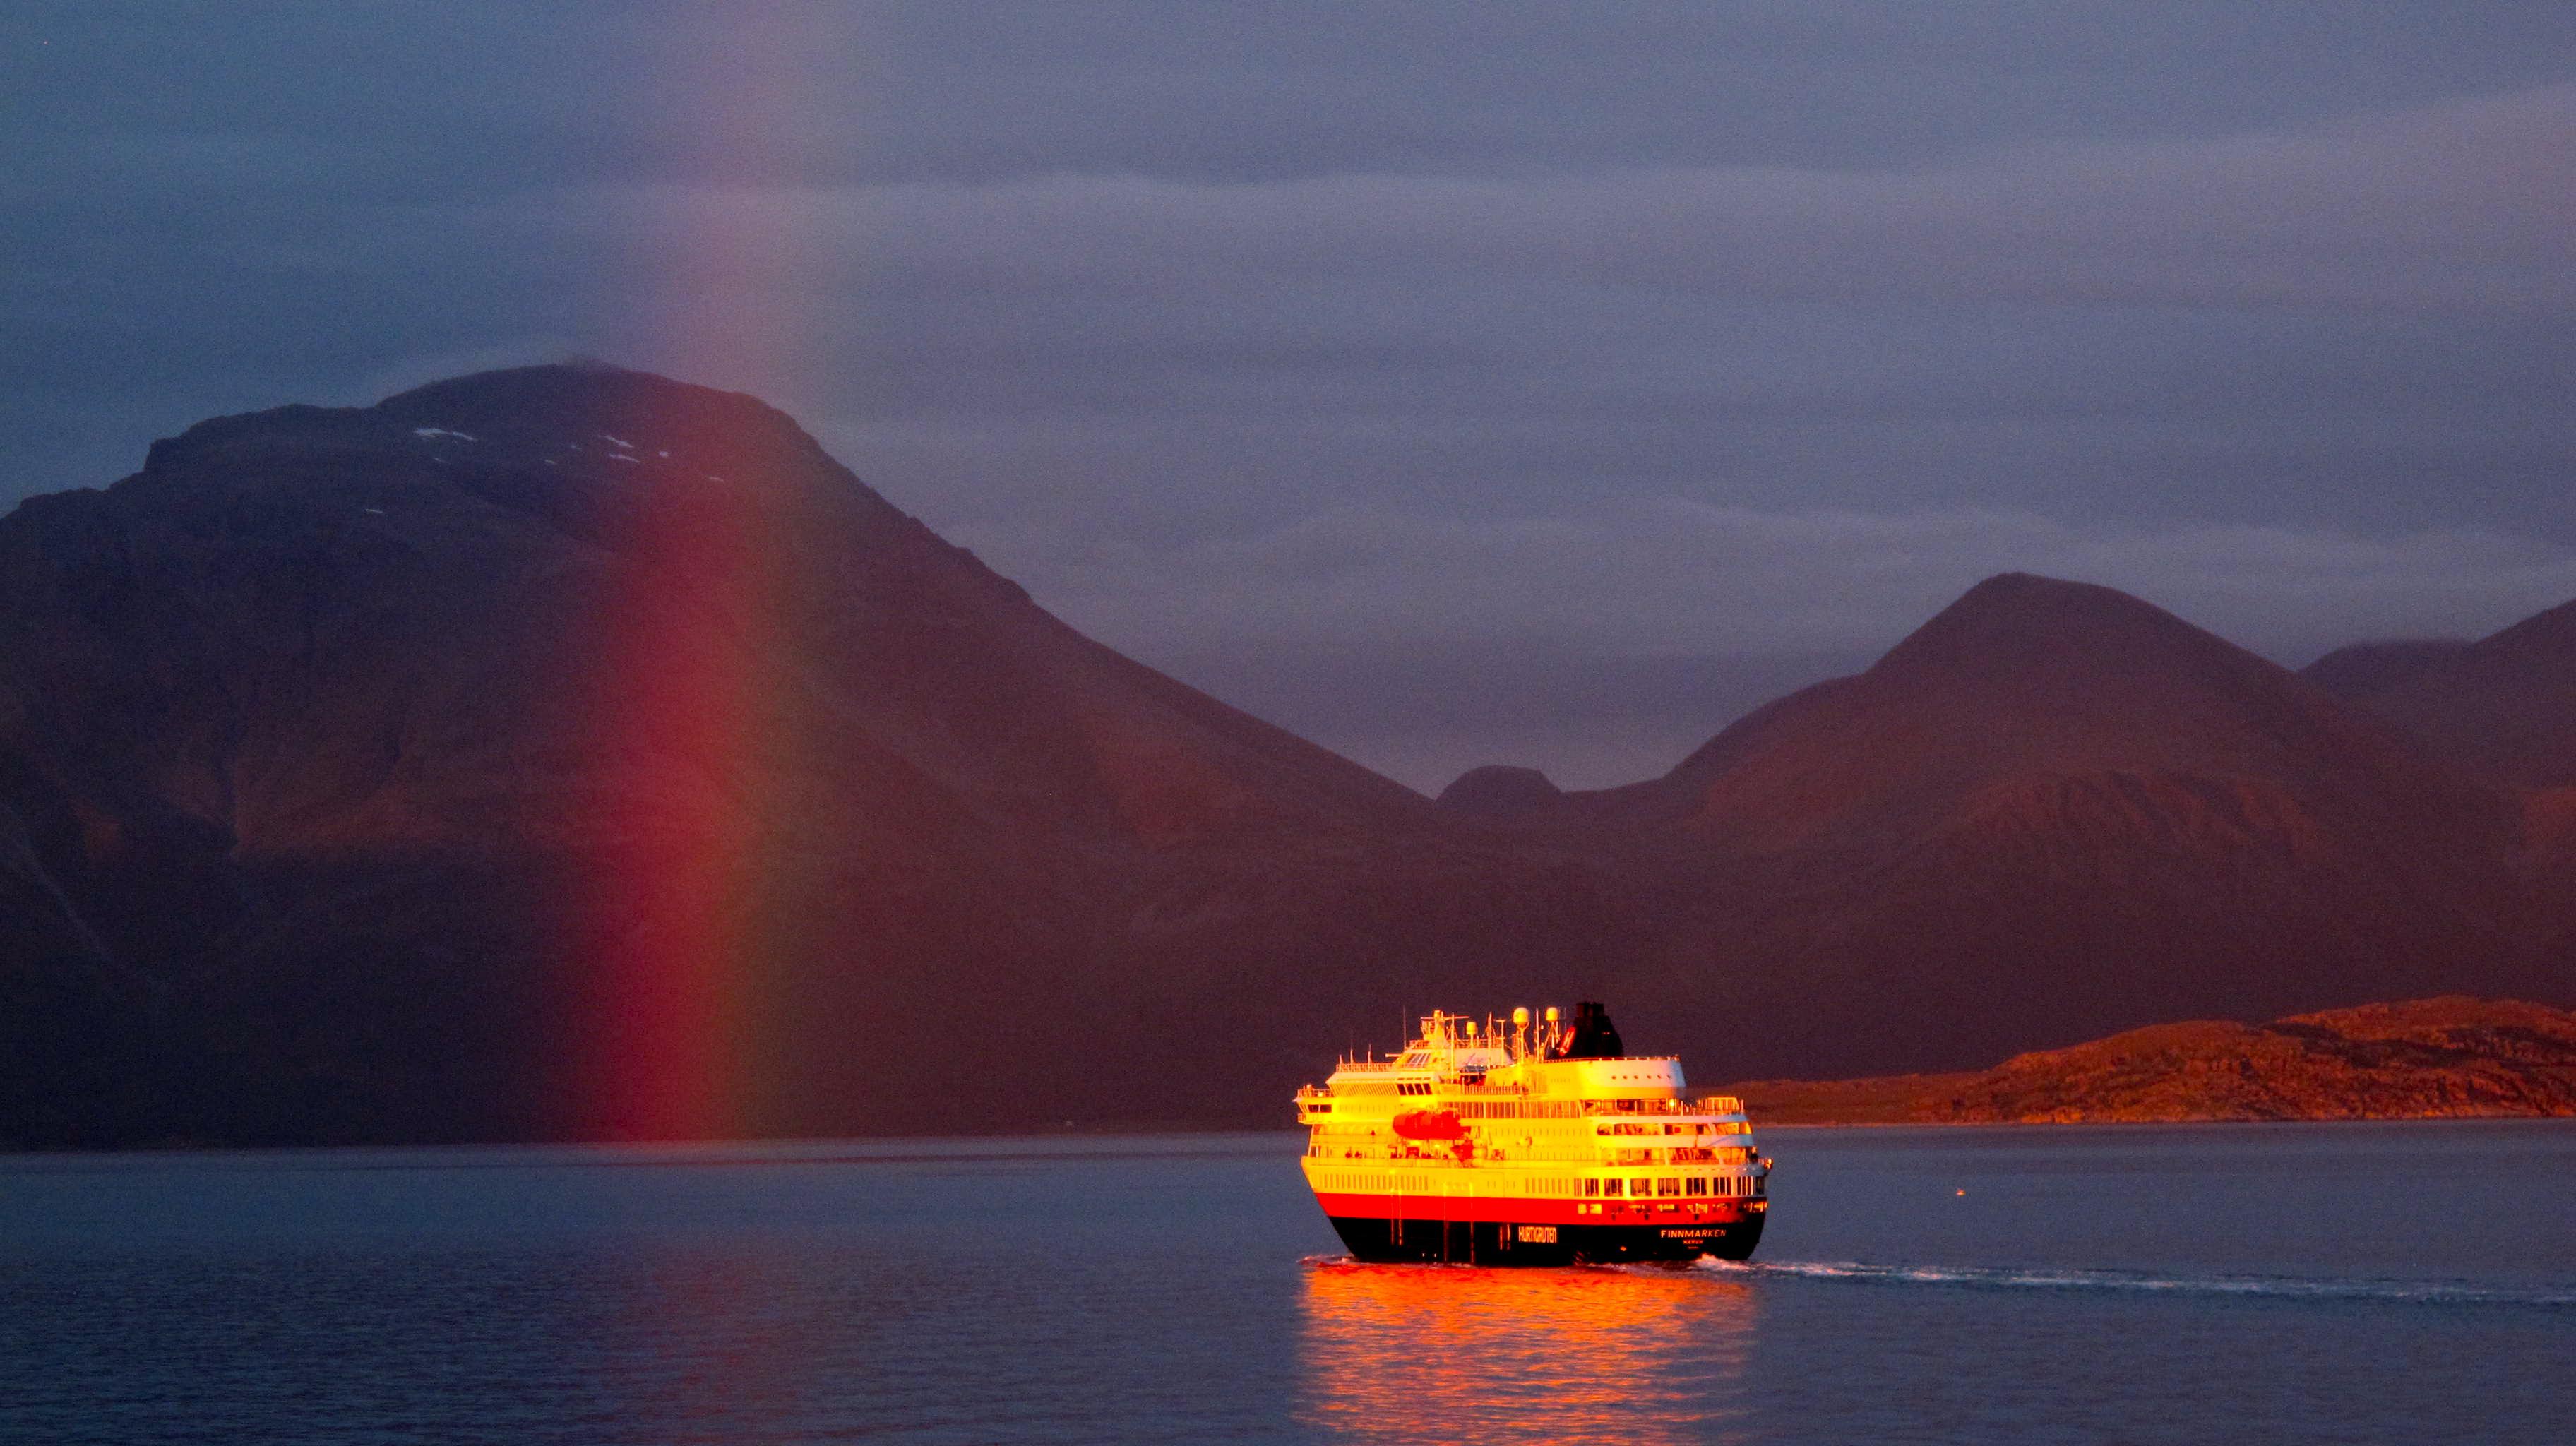 Viaje: Las 4 Laponias y Cabo Norte; Noruega, Suecia, Finlandia y Rusia Categoría: Fotaza Descripción: Esta foto fue tomada en la culminación del viaje. El último día, en el puerto de Skjervøy, nos embarcamos en el expreso costero Hurtigruten para regresar a Tromso en Noruega. Fue un espectacular viaje de cuatro horas a bordo del barco. El mar tranquilo y los colores del atardecer hacían de la navegación el plan perfecto. Para mi suerte, y la de otros que estaban en cubierta en ese momento, coincidió en espacio y tiempo uno de los arcoiris más bellos que he visto, el paso en dirección contraria de otro barco como el nuestro y un rayo de sol que delicadamente descansaba sobre él. Y así nació esta foto que con mucho gusto les presento.